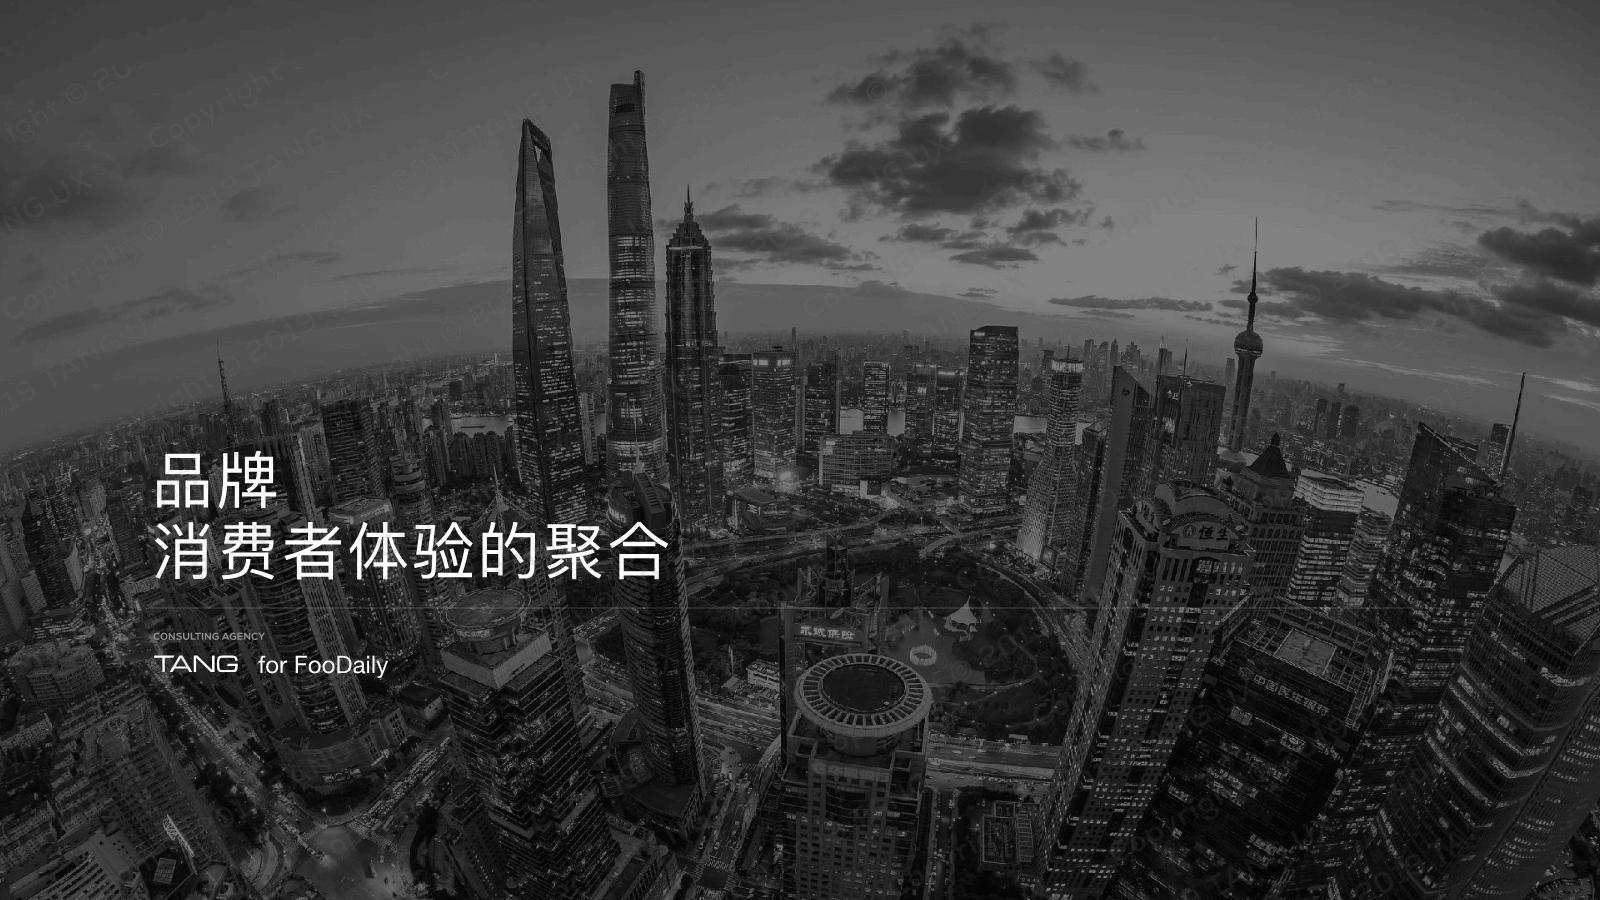 黄峰-品牌消费者体验的聚合